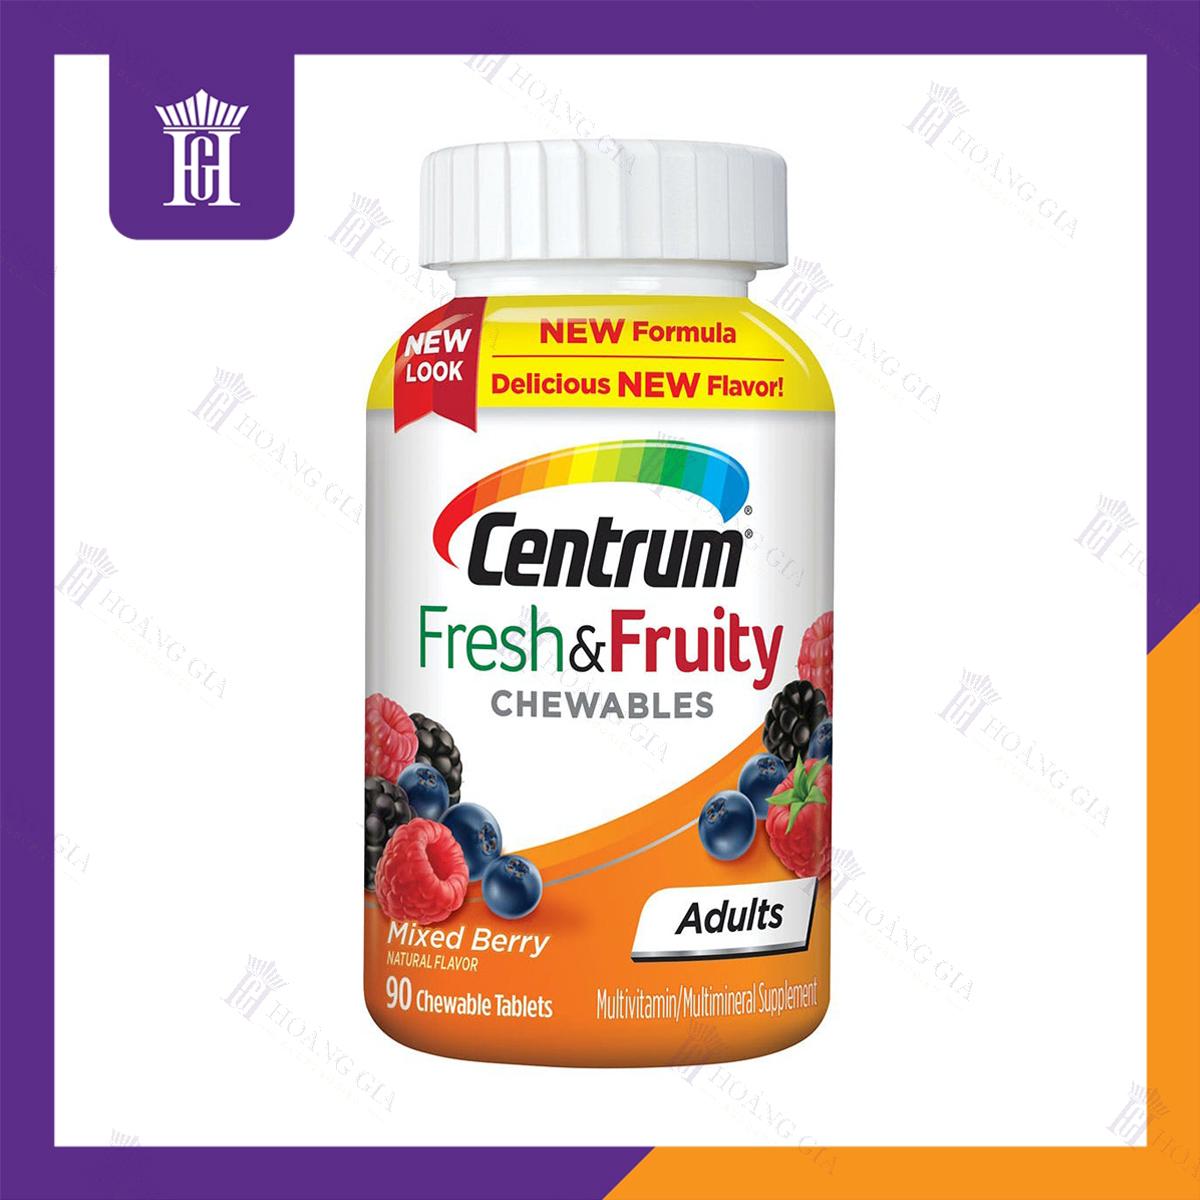 Vitamin tổng hợp dạng nhai dành cho Người lớn - Centrum Fresh & Fruity Adults